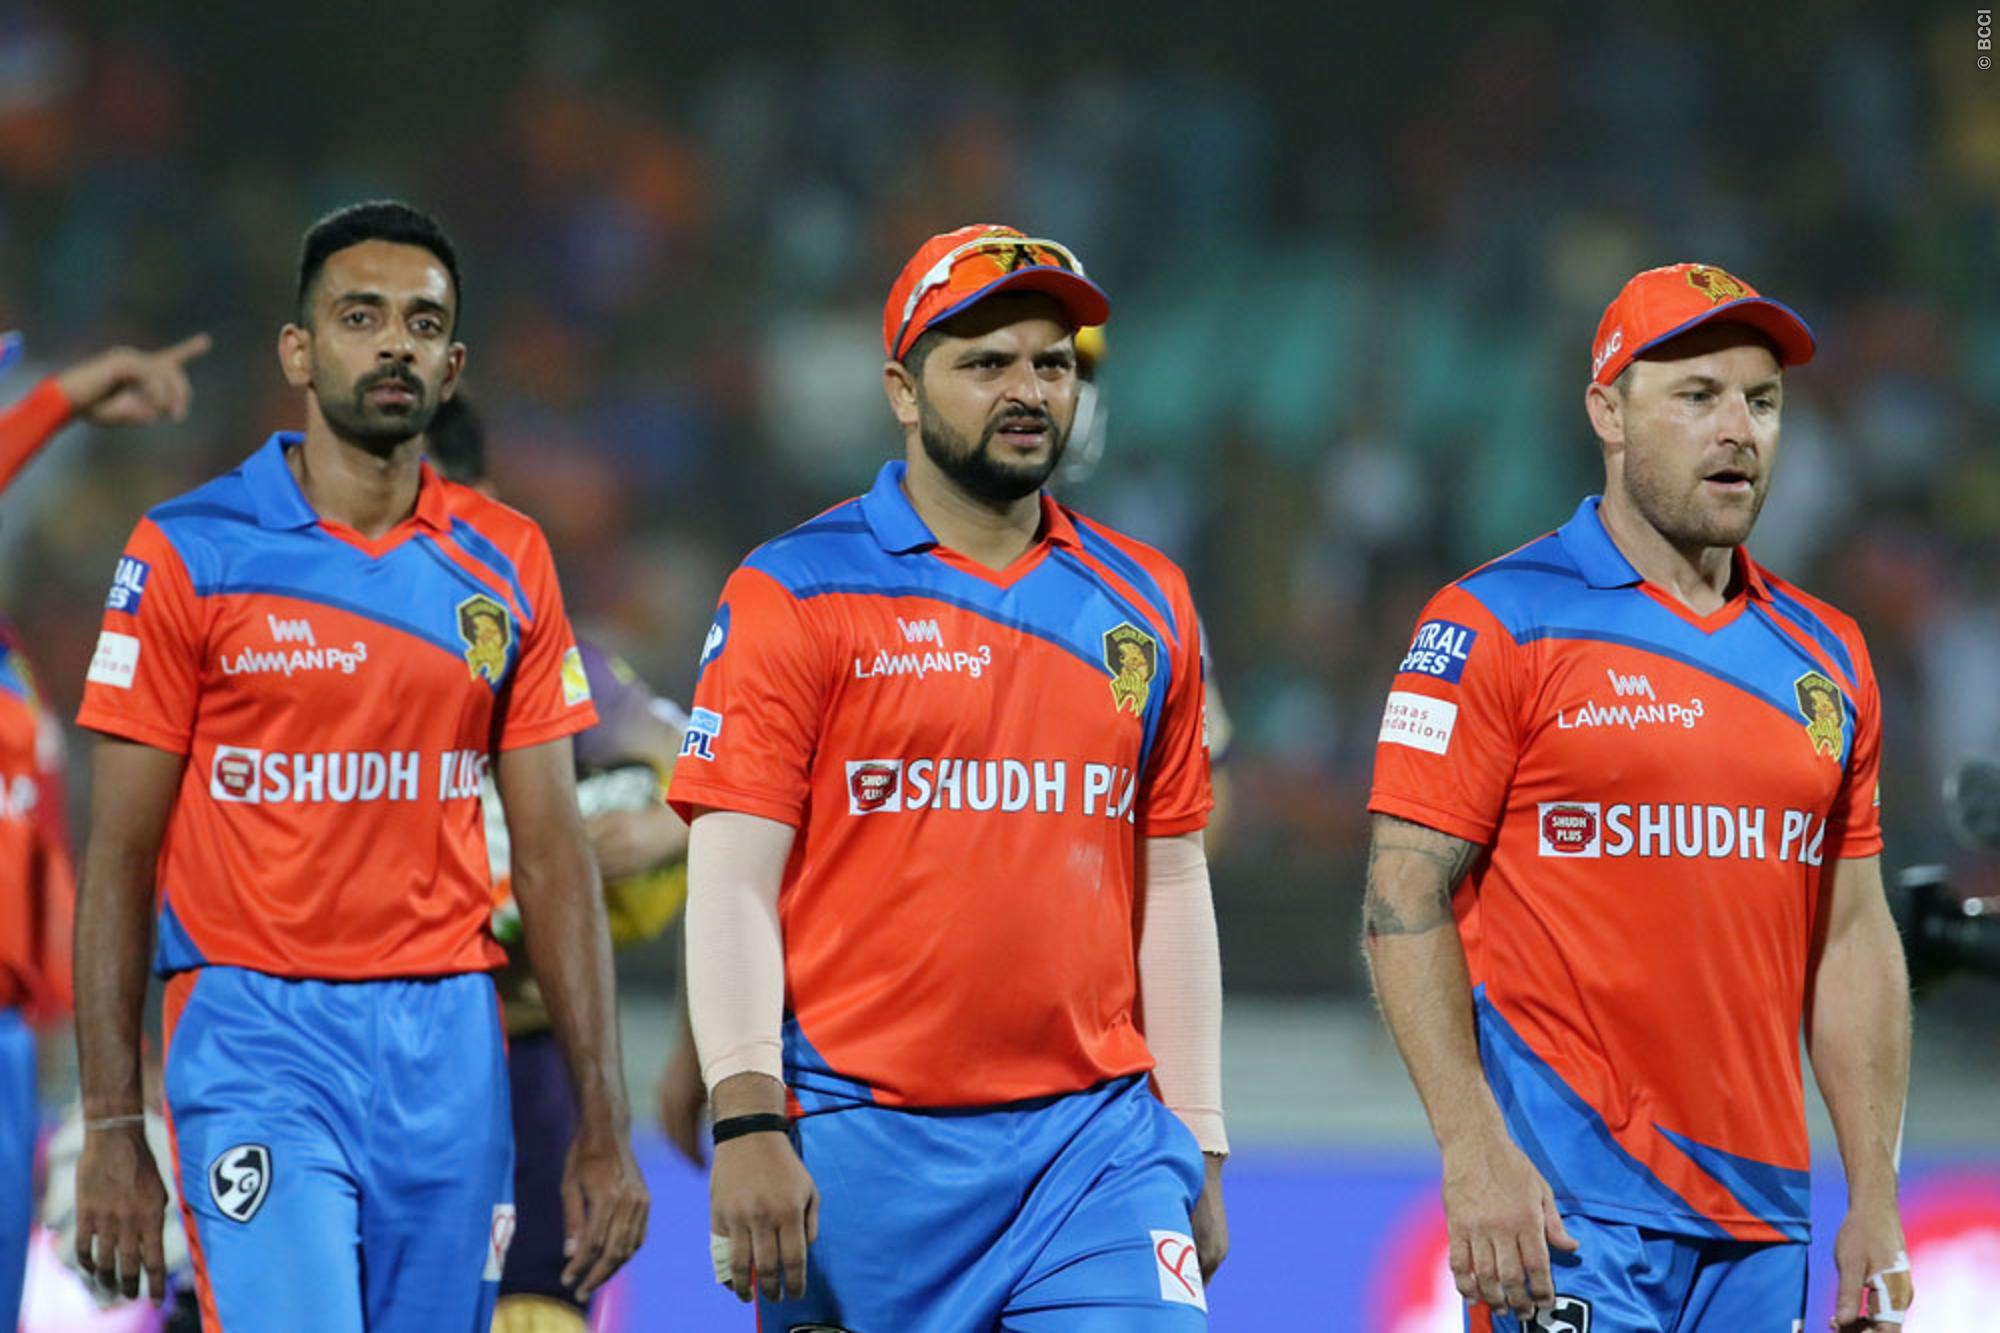 अब आईपीएल में देखने को मिलेगा संयुक्त अरब अमीरात का खिलाड़ी? 8